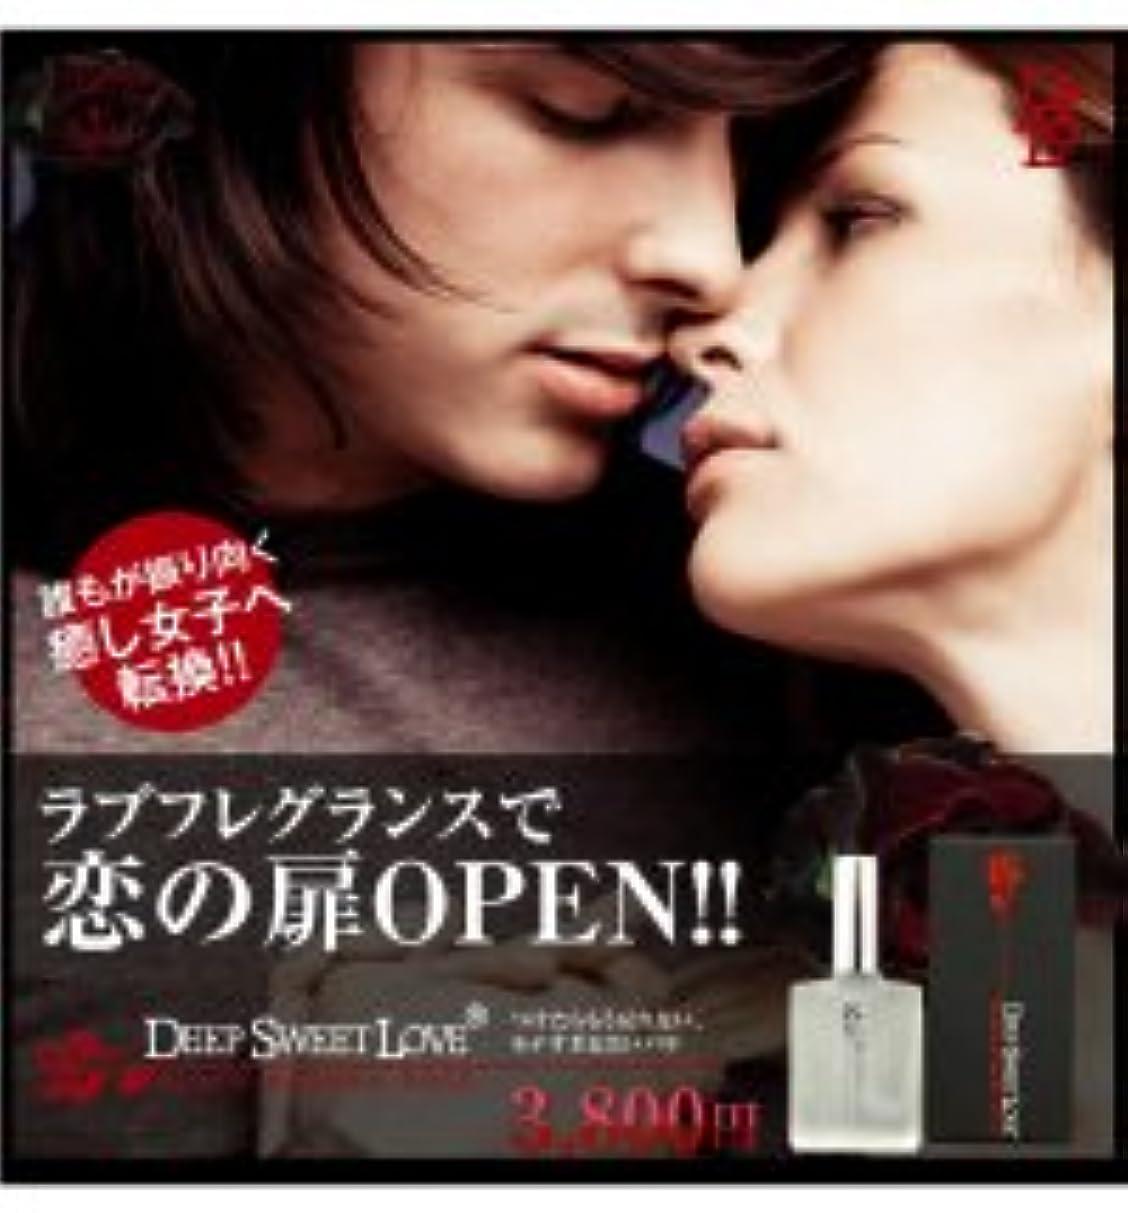 十分報復ケーキ3個セット ディープスイートラブ (DEEP SWEET LOVE)女性用フェロモン香水